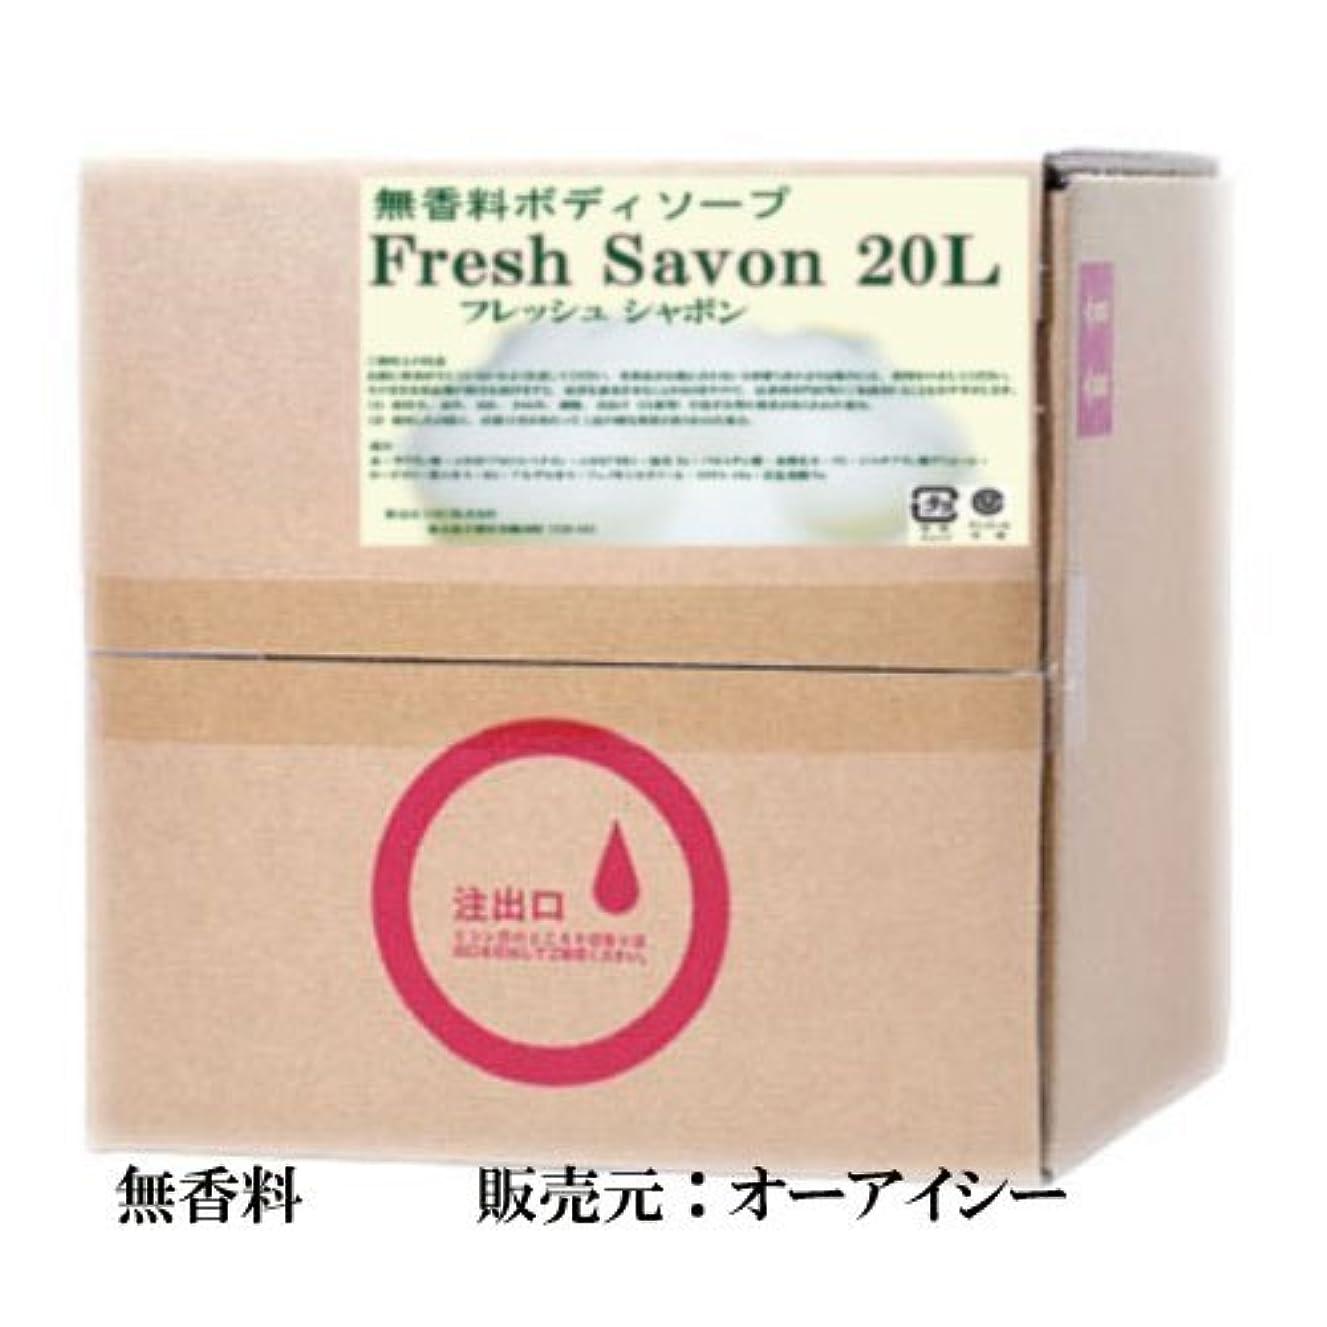 理解する付属品泥業務用 無香料 ボディソープ フレッシュシャボン 20L (販売元:オーアイシー) (ホワイト)